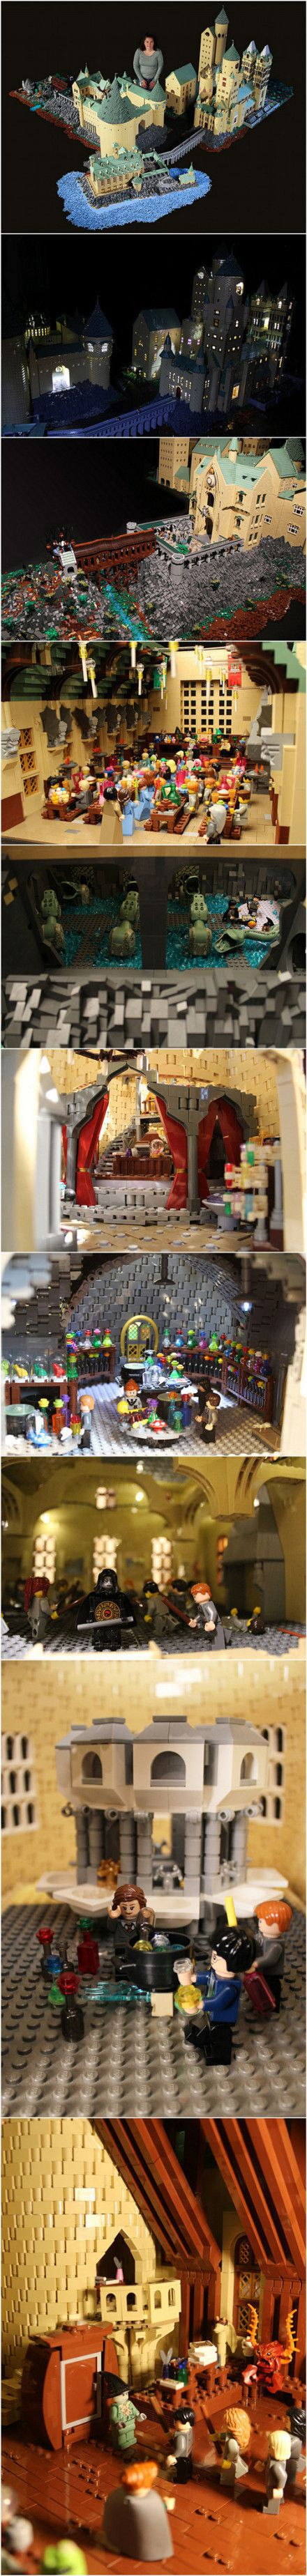 Alice Finch有两个热爱《哈利·波特》的儿子,她花了一年时间,用40万块乐高积木搭建了一座和原著中一模一样的霍格沃茨城堡。城堡里的设置不仅尊重了原著的细节,甚至还包括了电影场景,从邓布利多的办公室到密室,完完全全地还原了这个魔法学校的原貌。